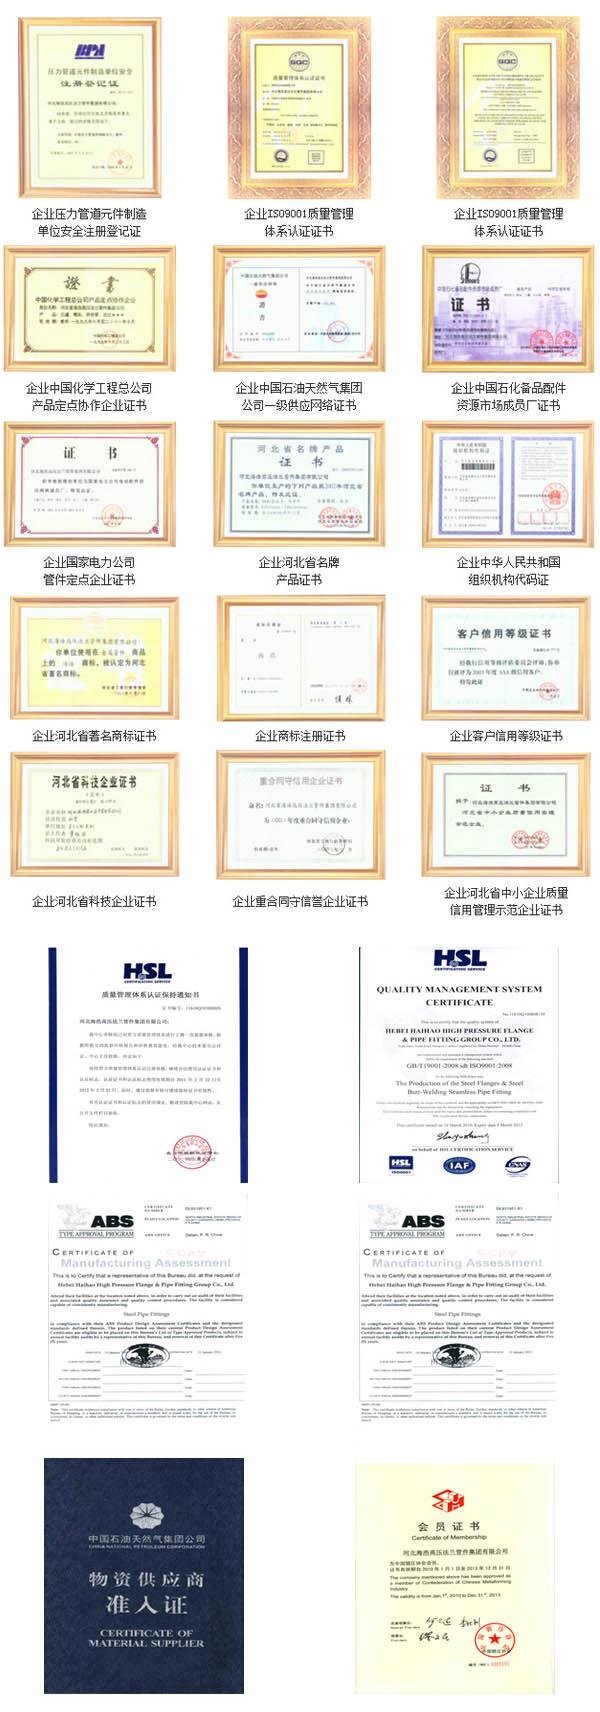 西安金龙宇宏管道设备工程有限公司证书